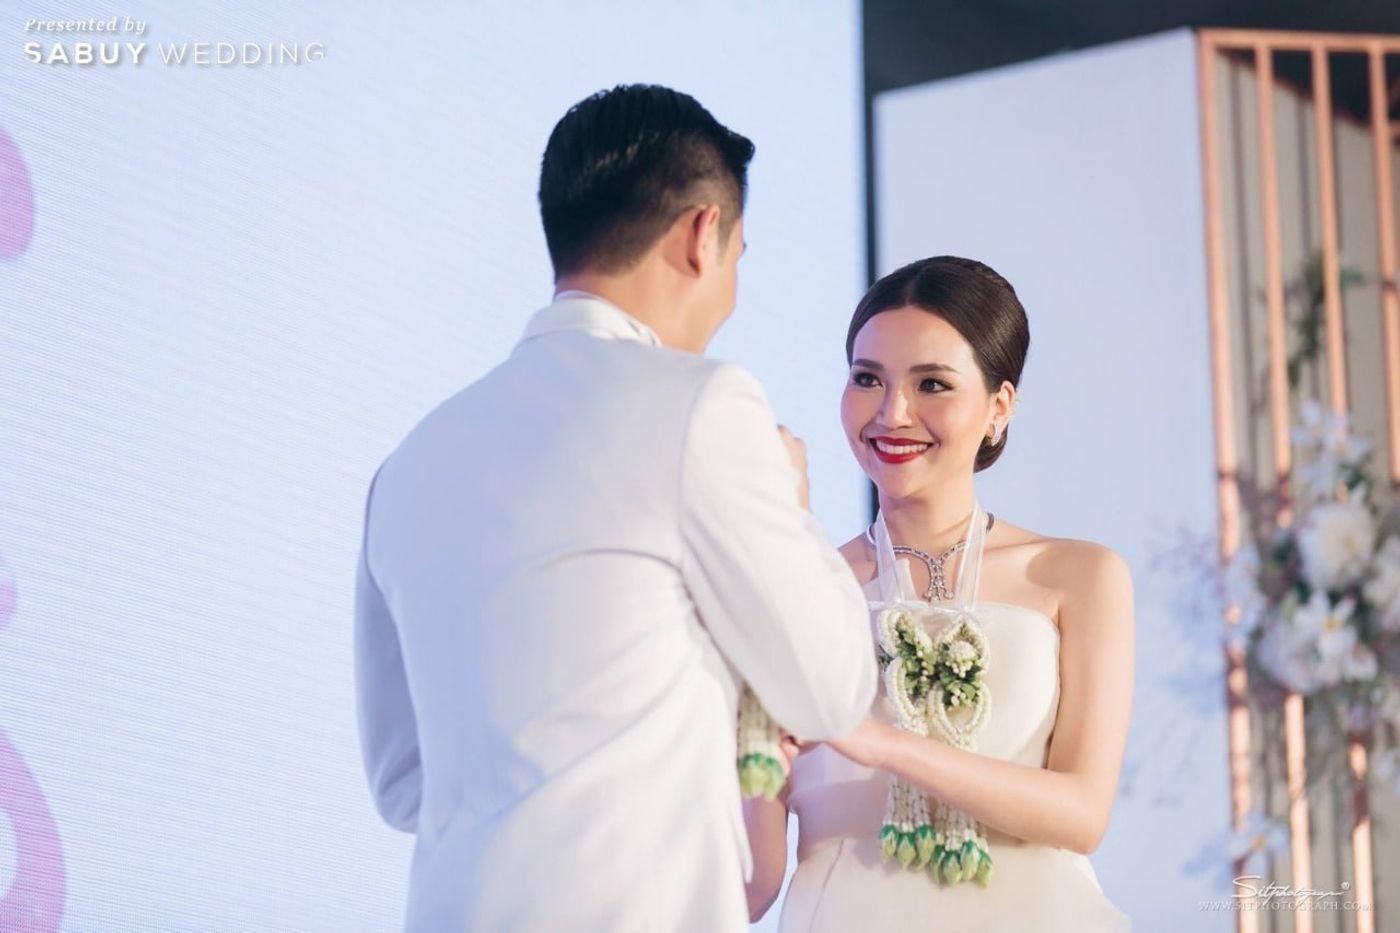 บ่าวสาว,เจ้าสาว,งานแต่งงาน รีวิวงานแต่งแห่งปีของอยุธยา หรูหราด้วยโทนสี Rose Gold @Krungsri River Hotel